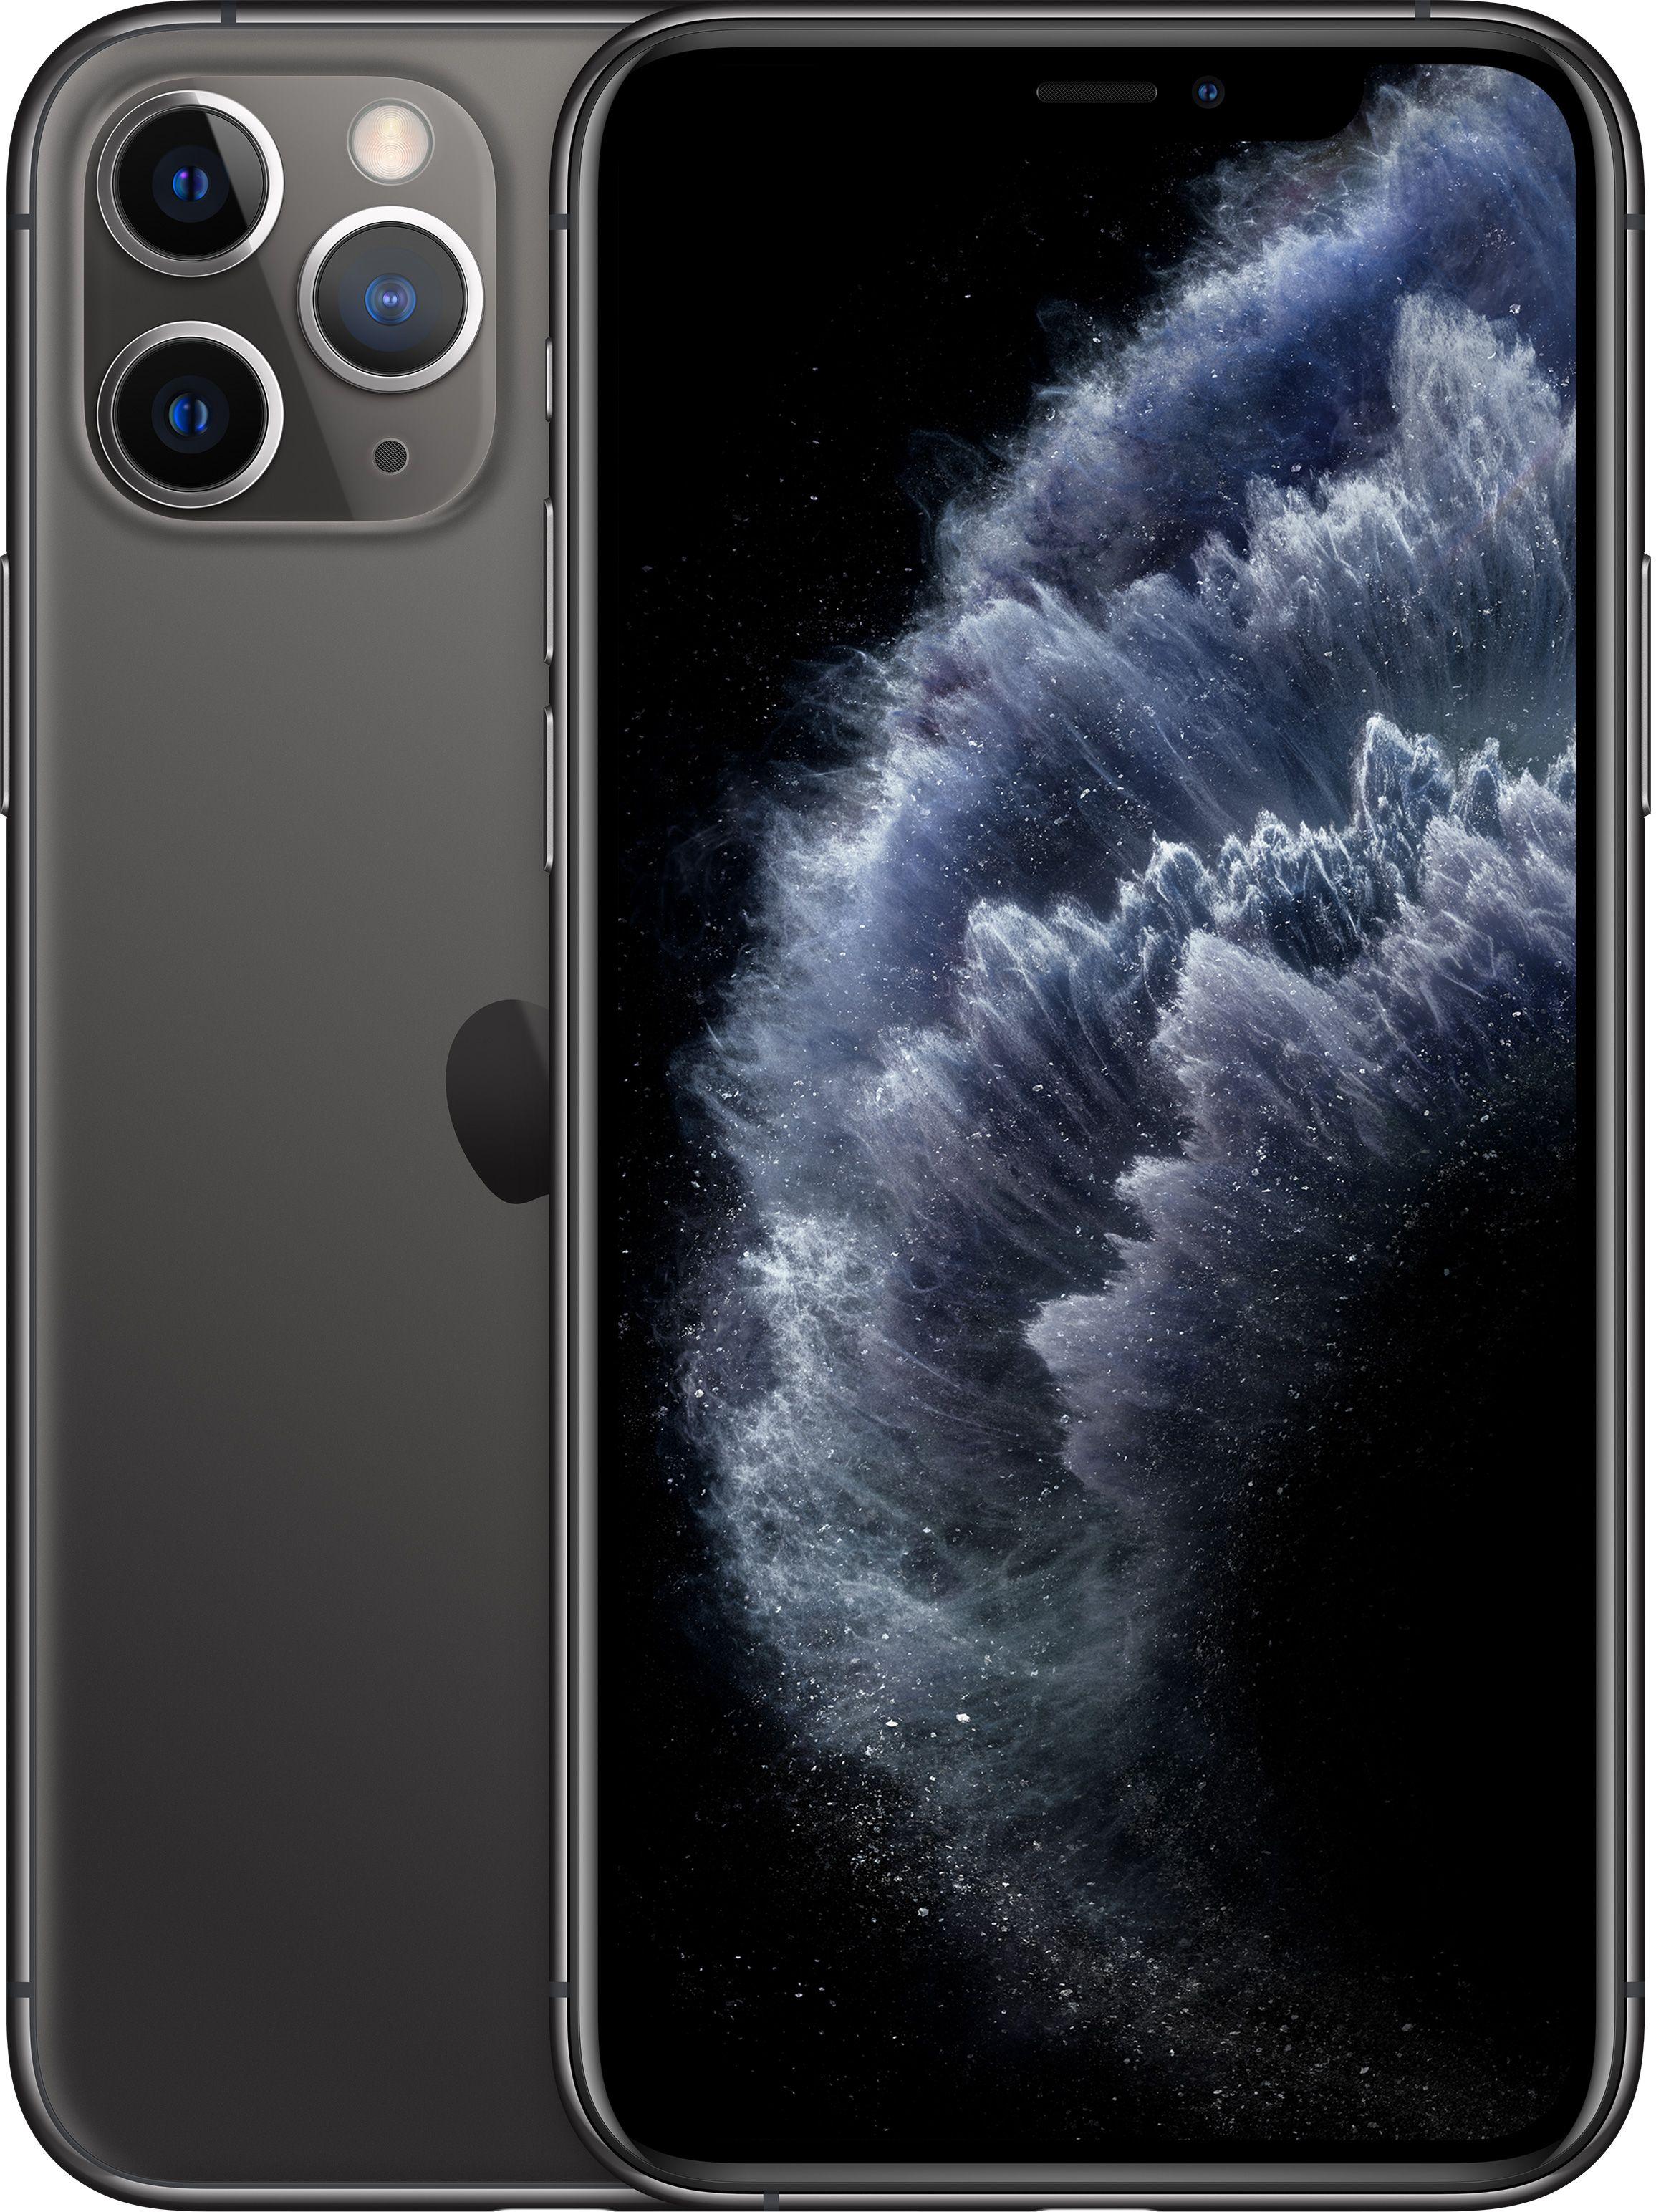 Мобильный телефон Apple iPhone 11 Pro 256GB (серый космос) фото